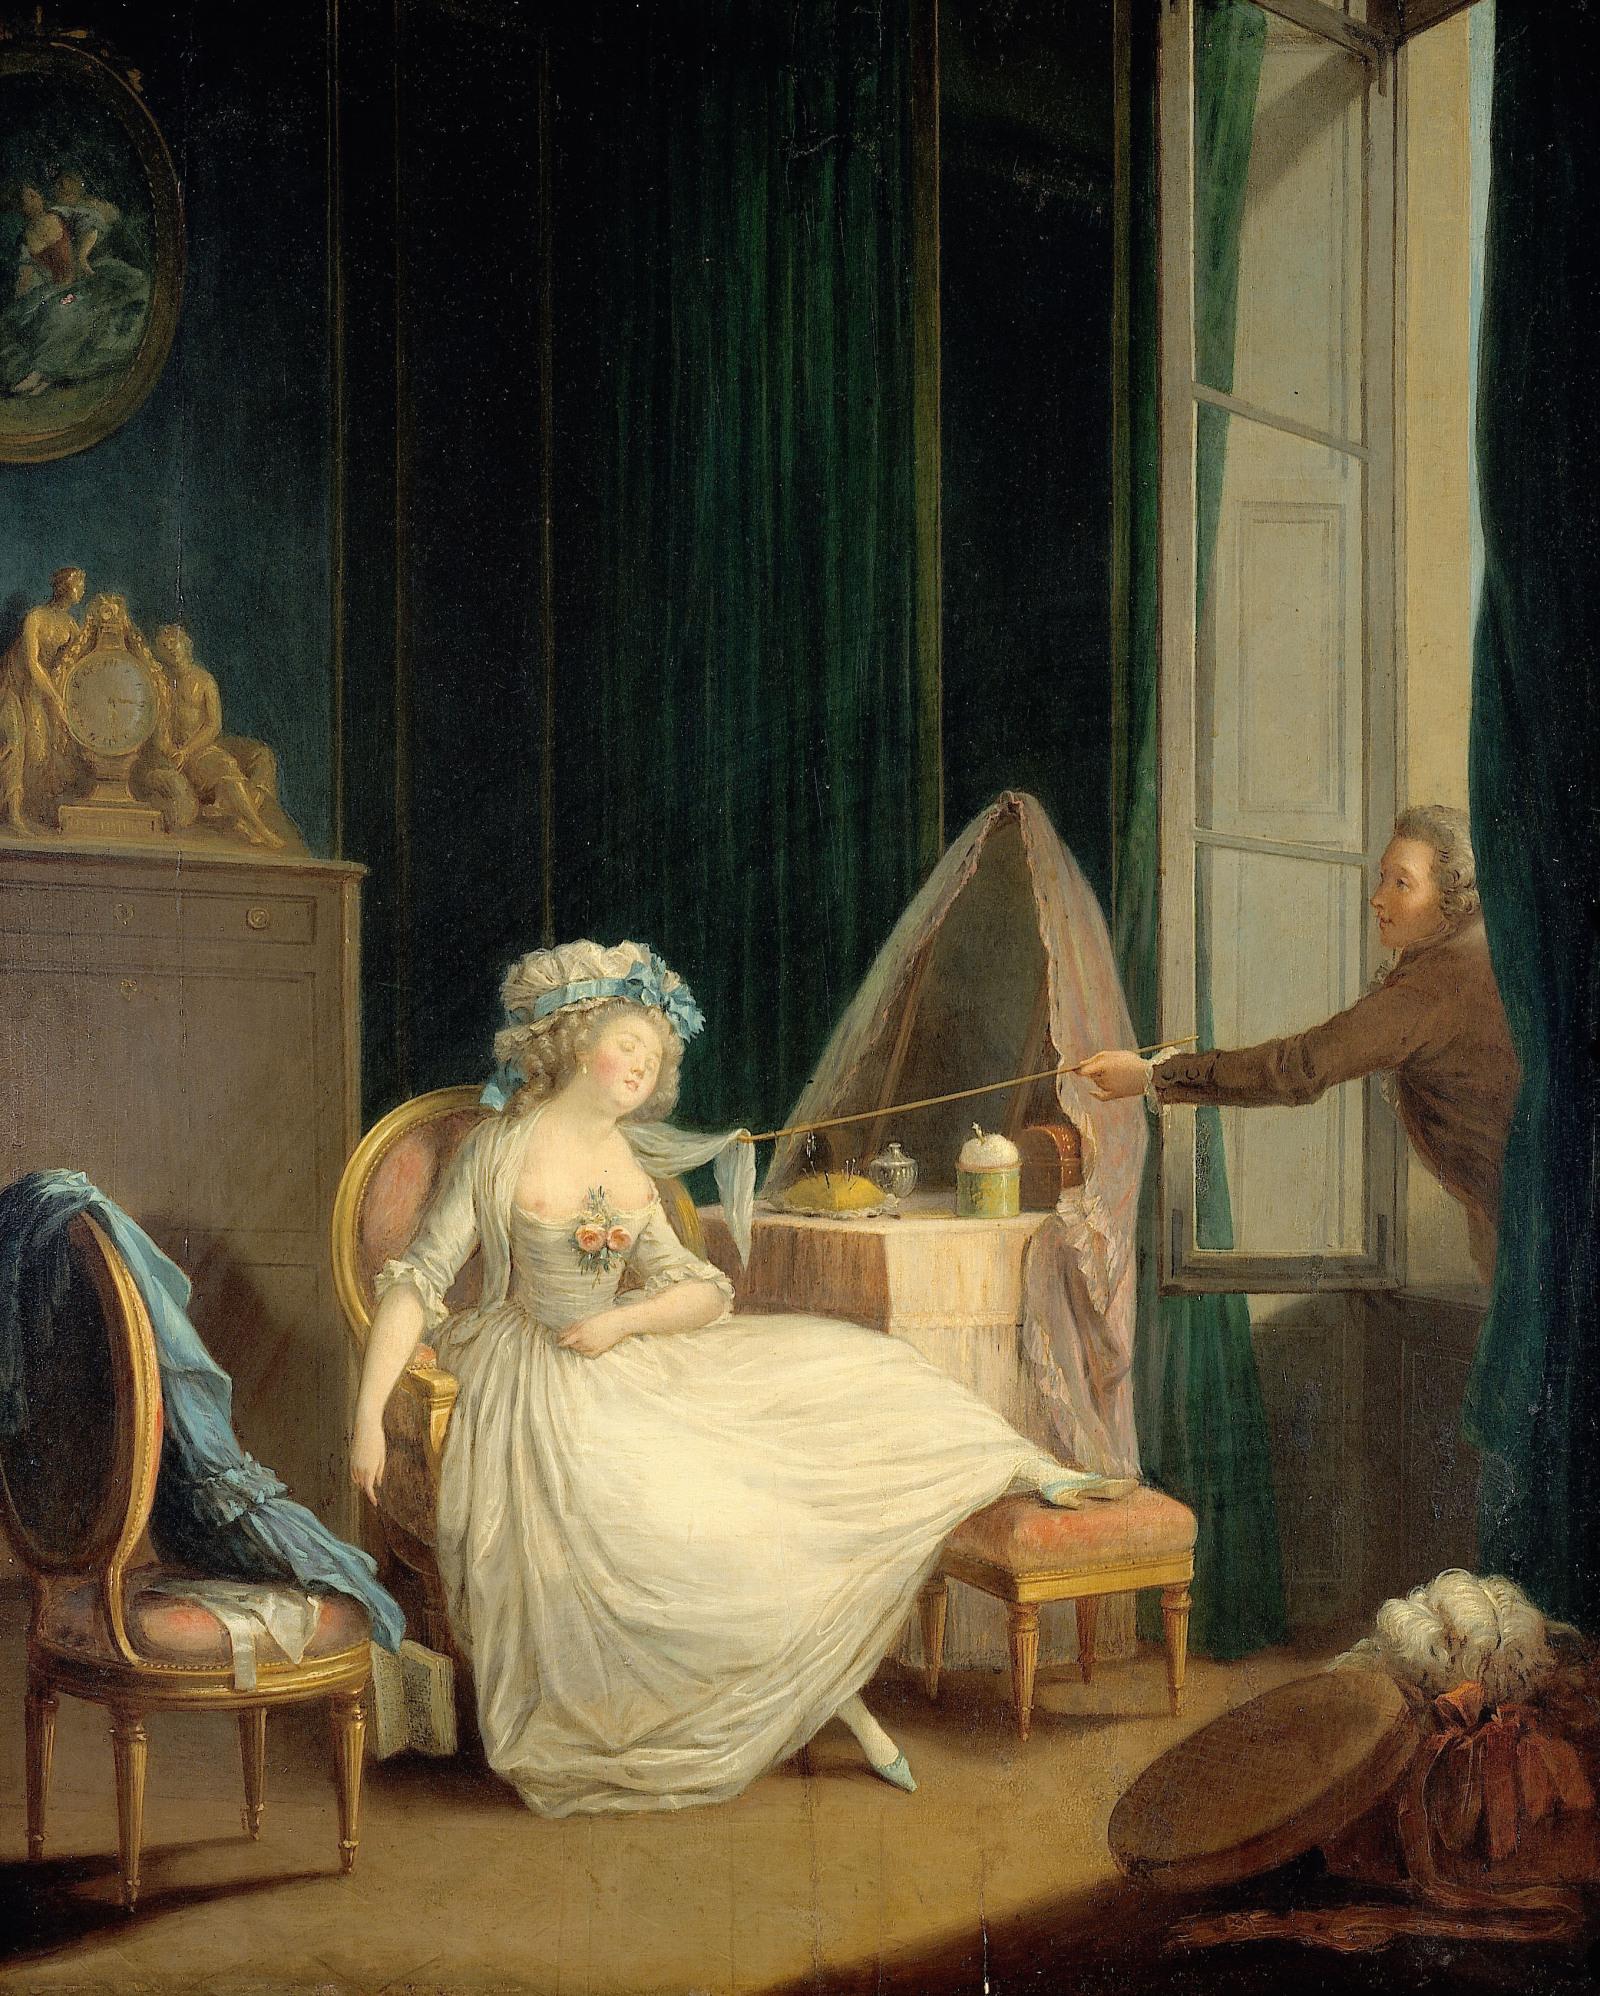 https://www.arts-in-the-city.com/wp-content/uploads/2018/08/schall-l-amour-frivolevers-1780huile-sur-boisparis-musee-cognacq-jayc-musee-cognacq-jayroger-violle-1600x0.jpg